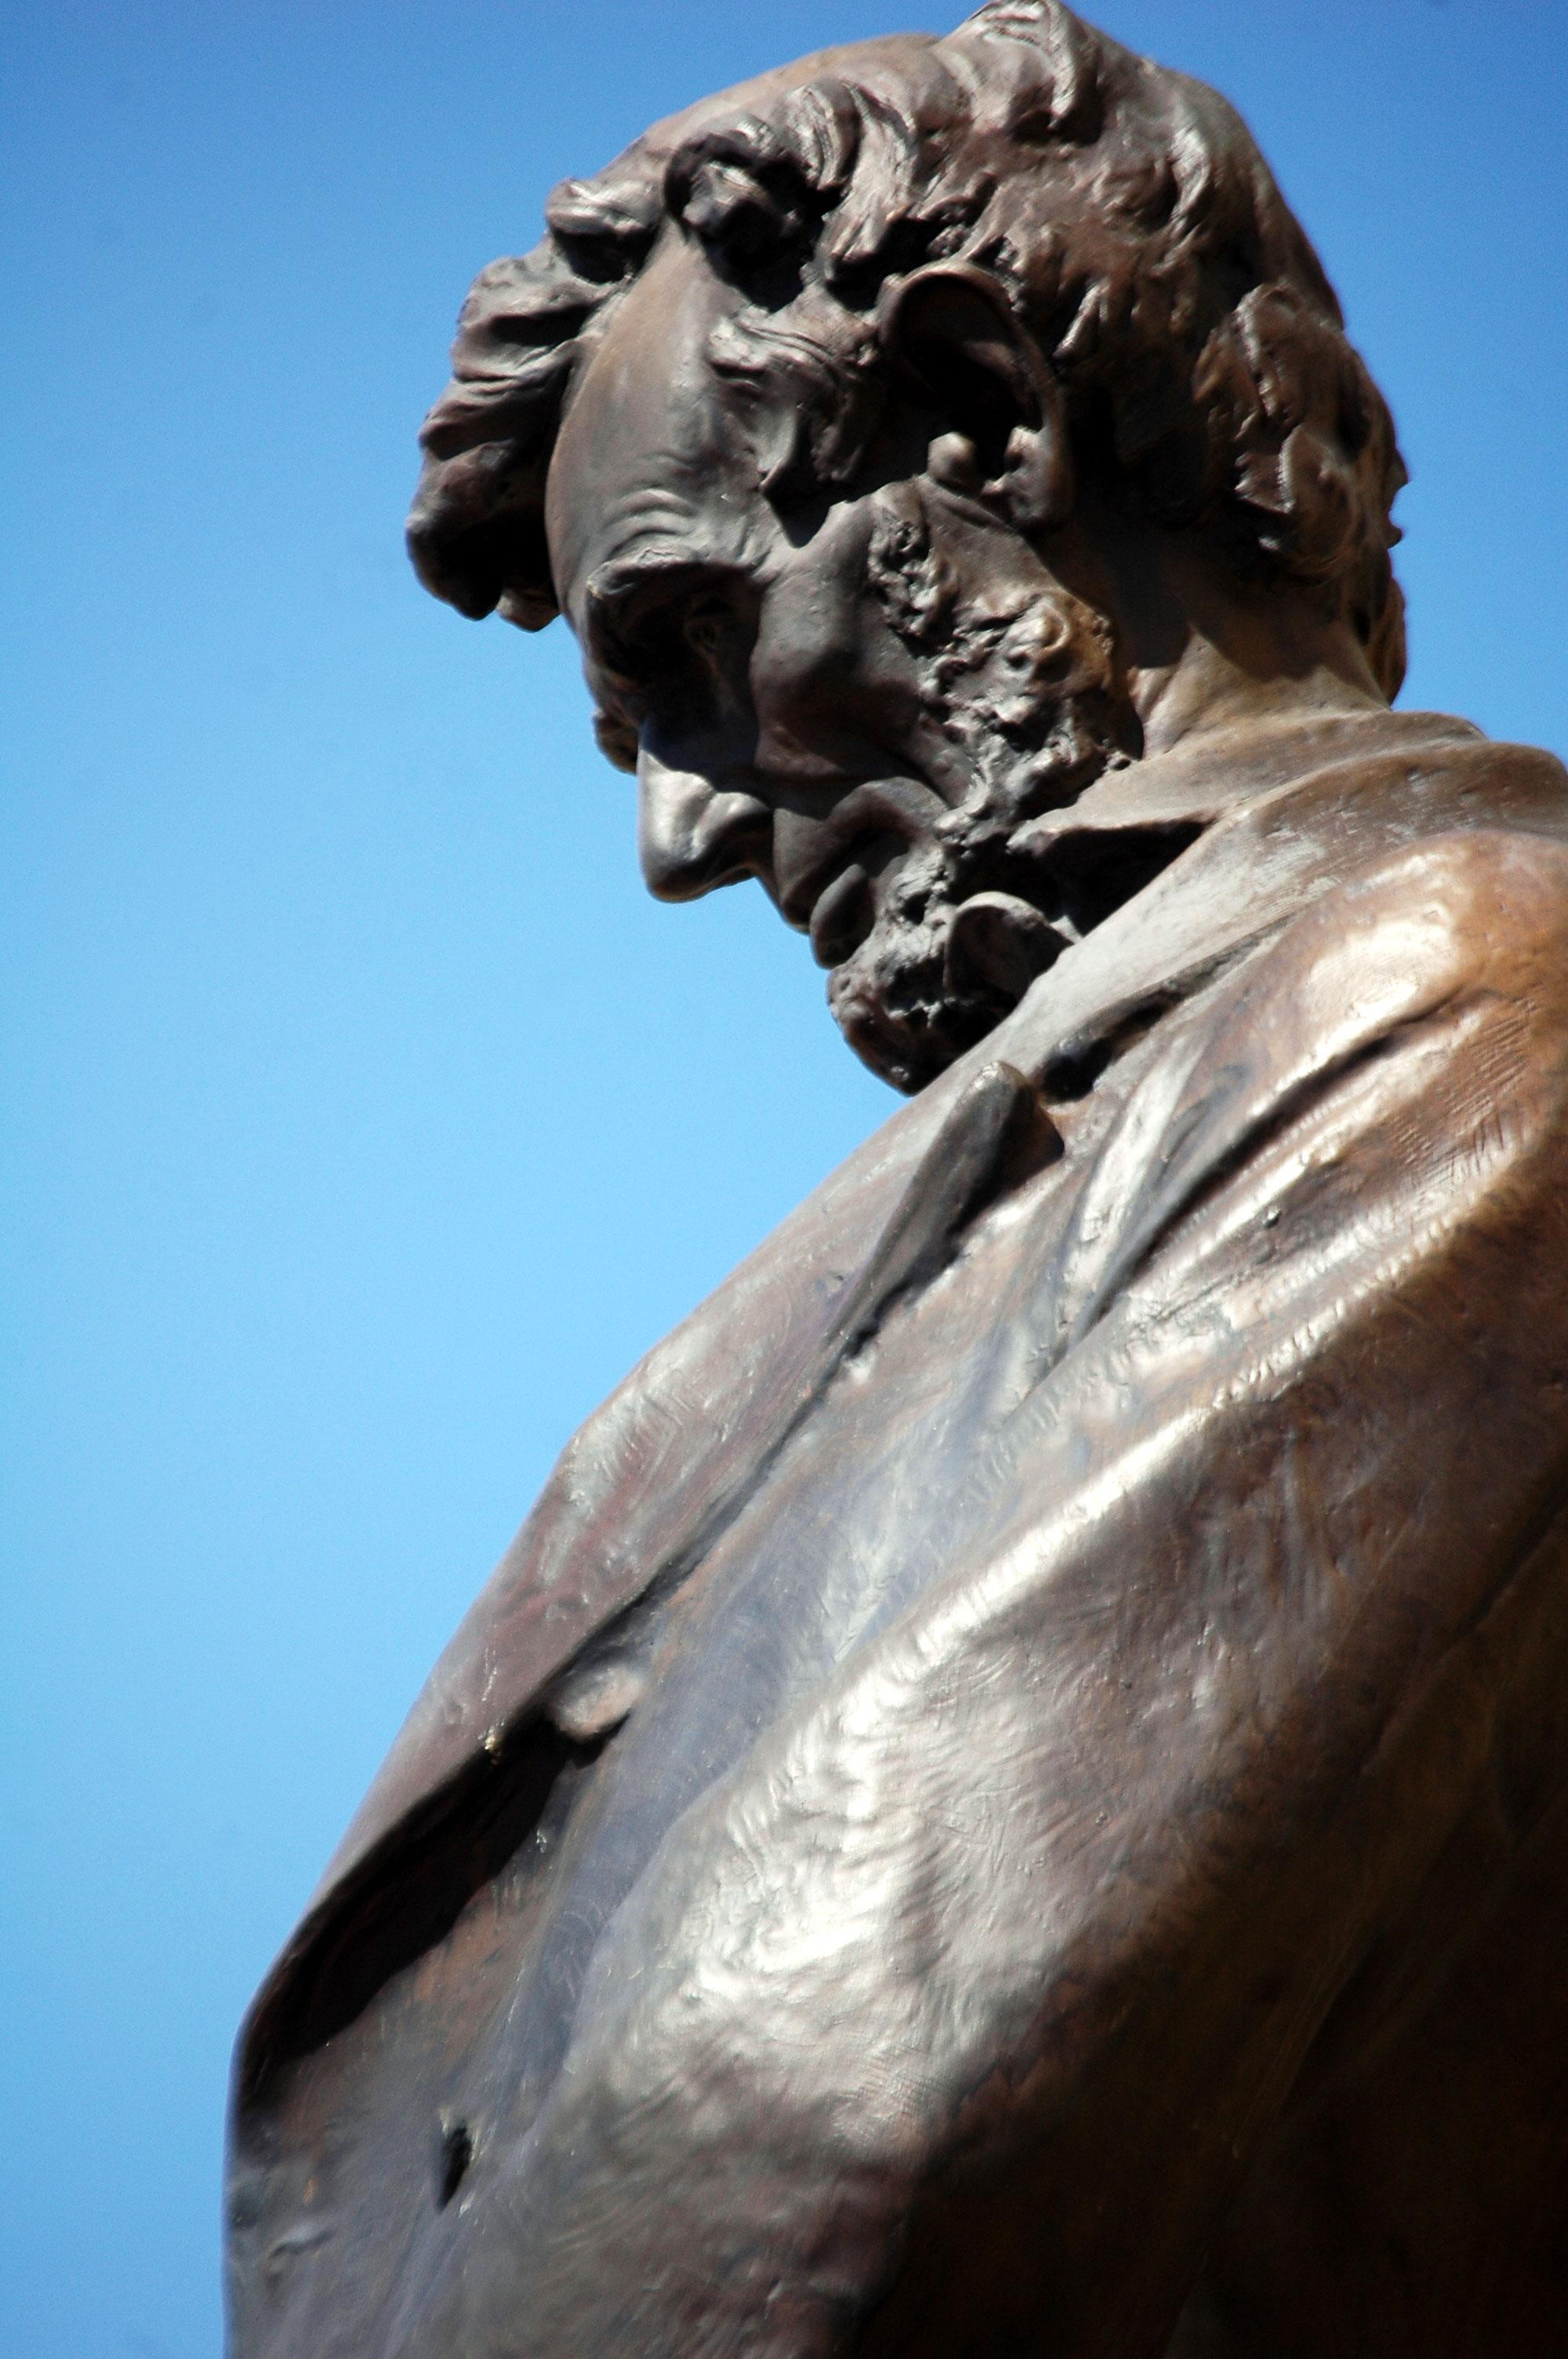 Abe Lincoln Statue